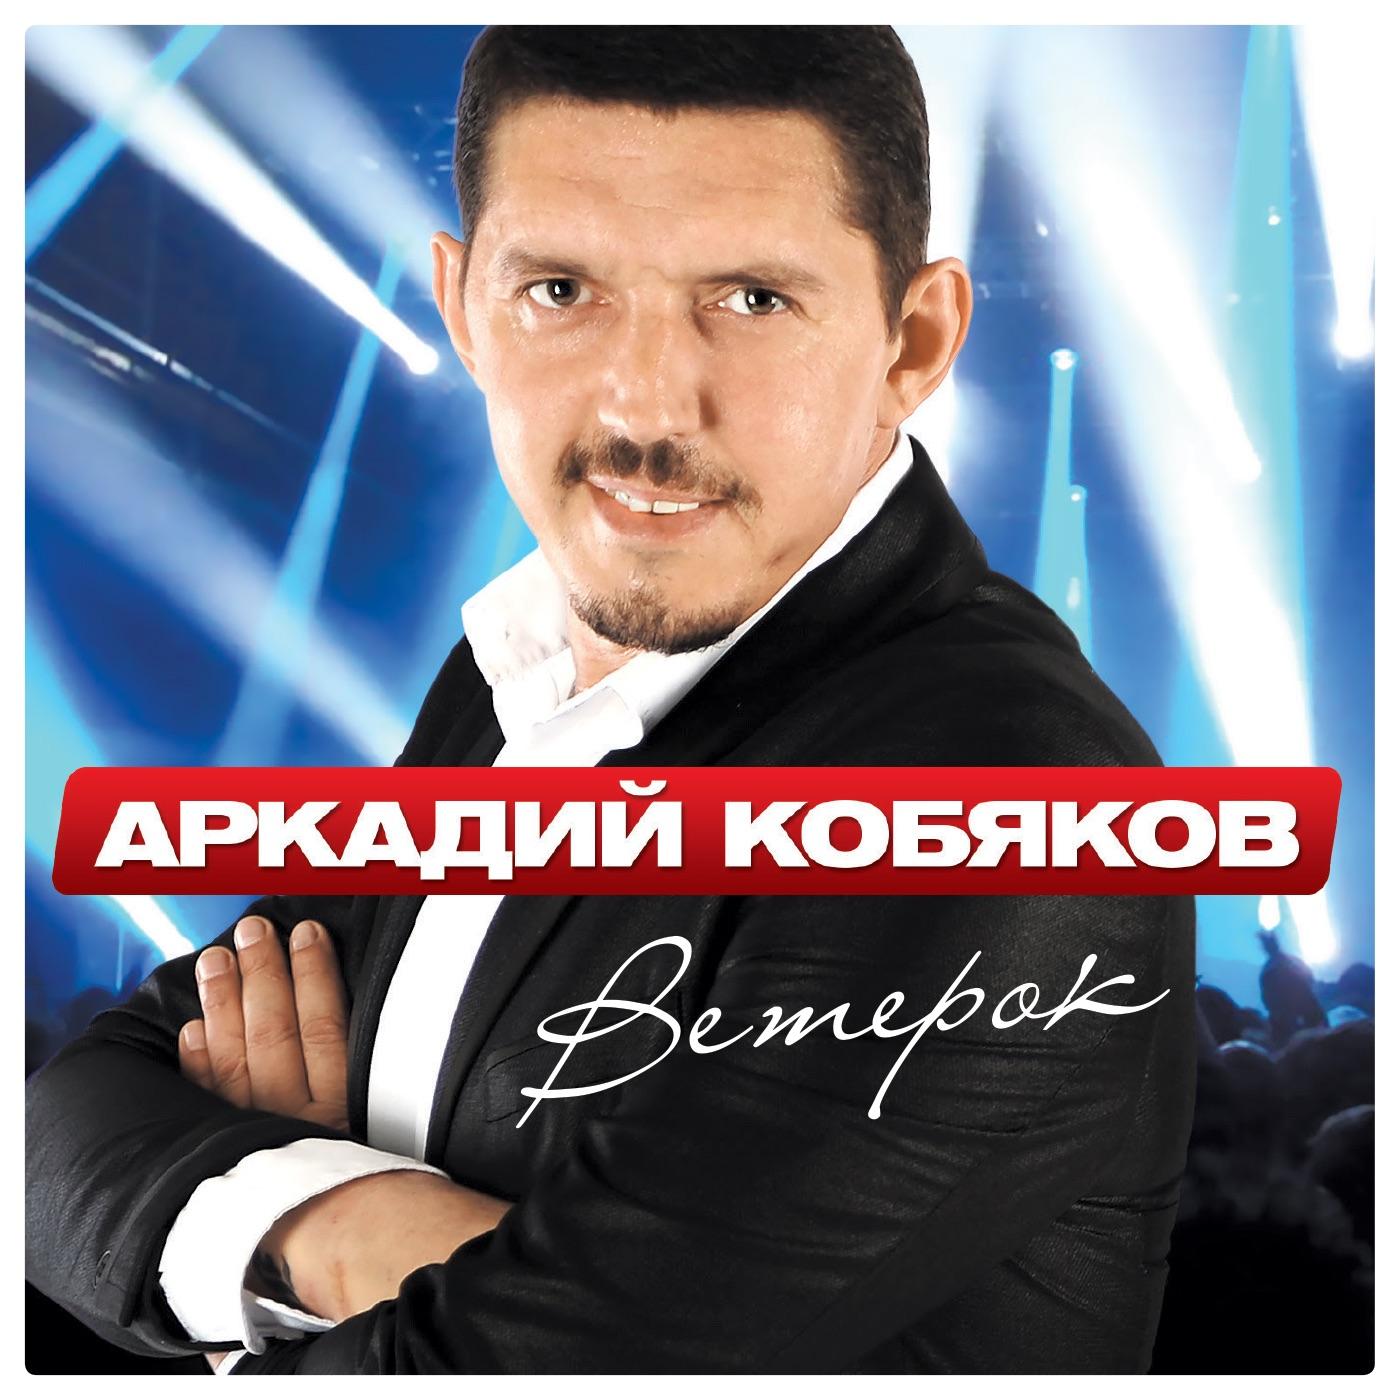 аркадий кобяков новые песни 2015 скачать через торрент альбом